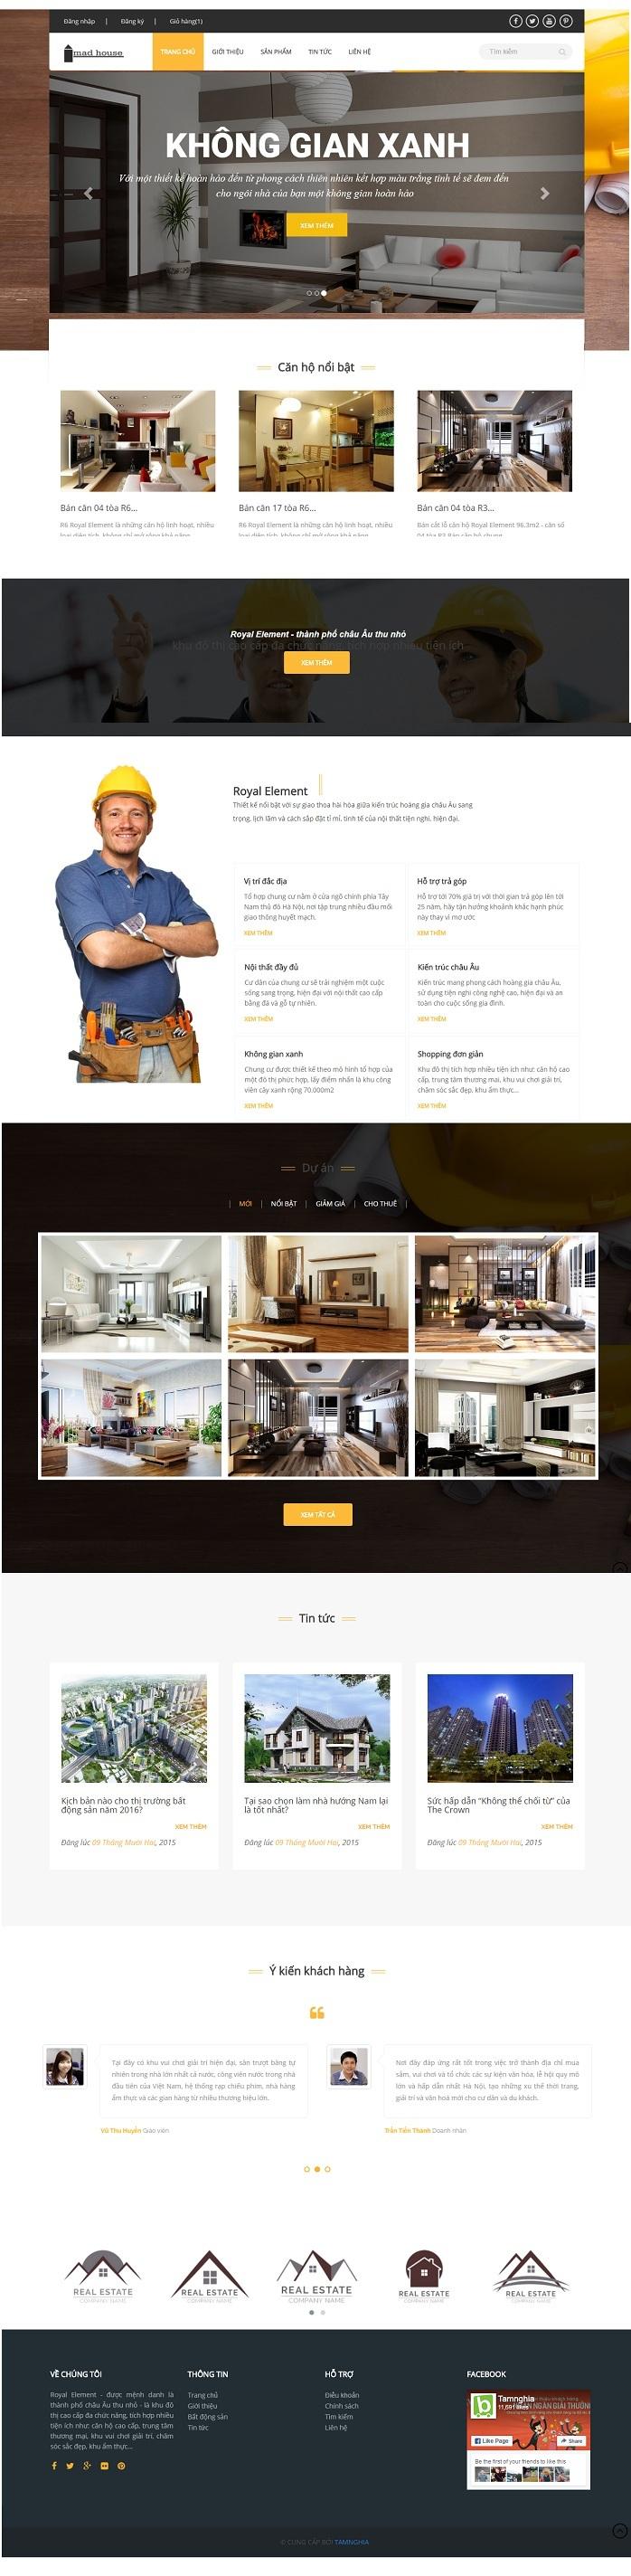 Website Xây dựng nhà ở cao cấp sang trọng